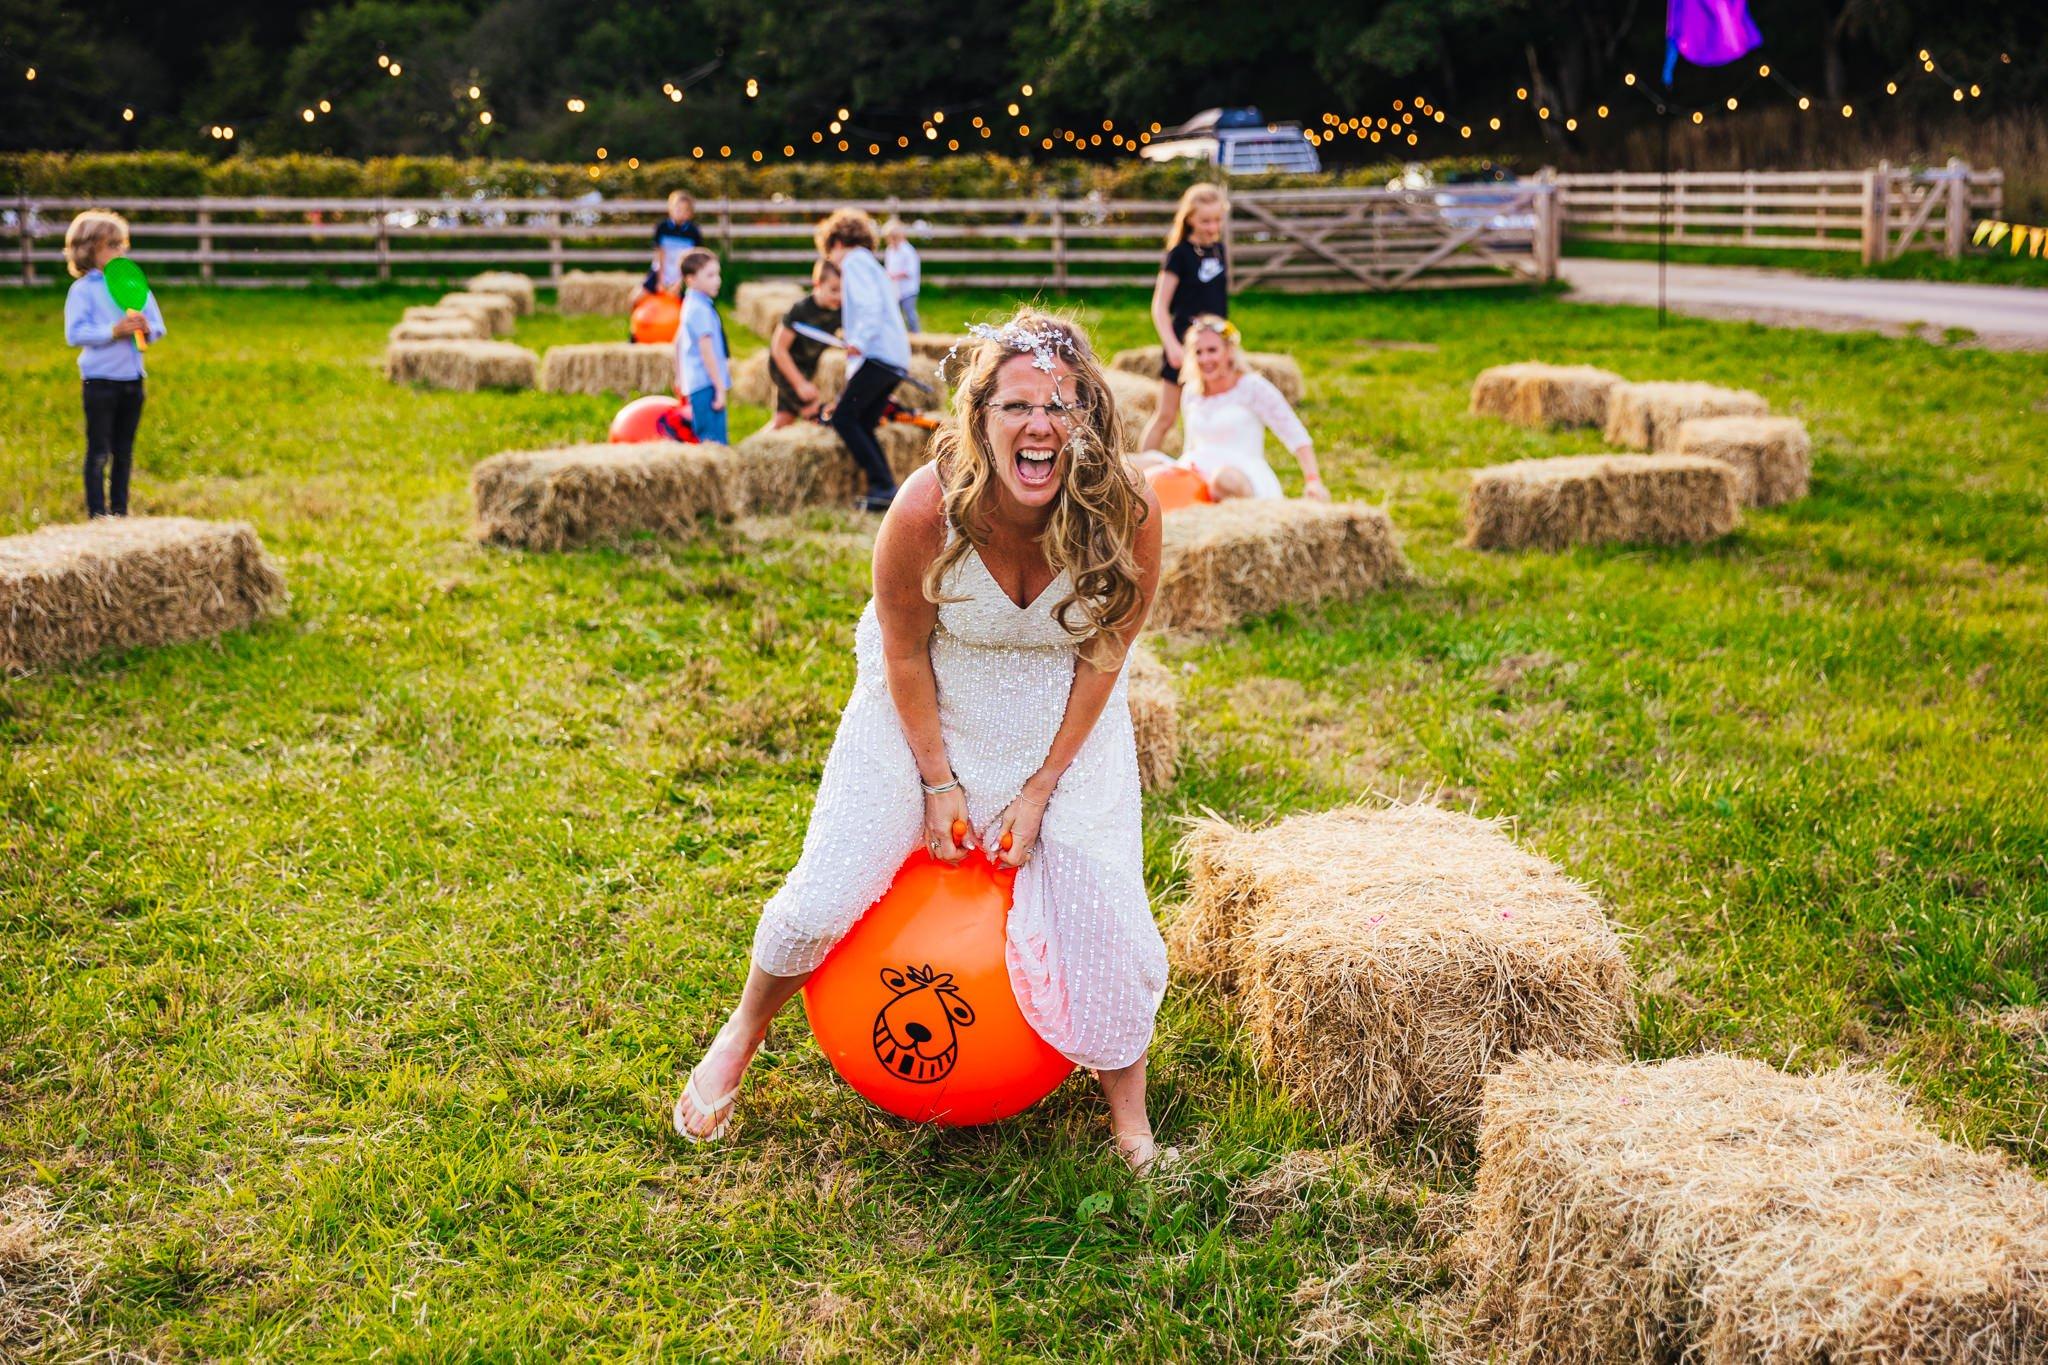 Nottingham wedding photography - Bride on orange space hopper